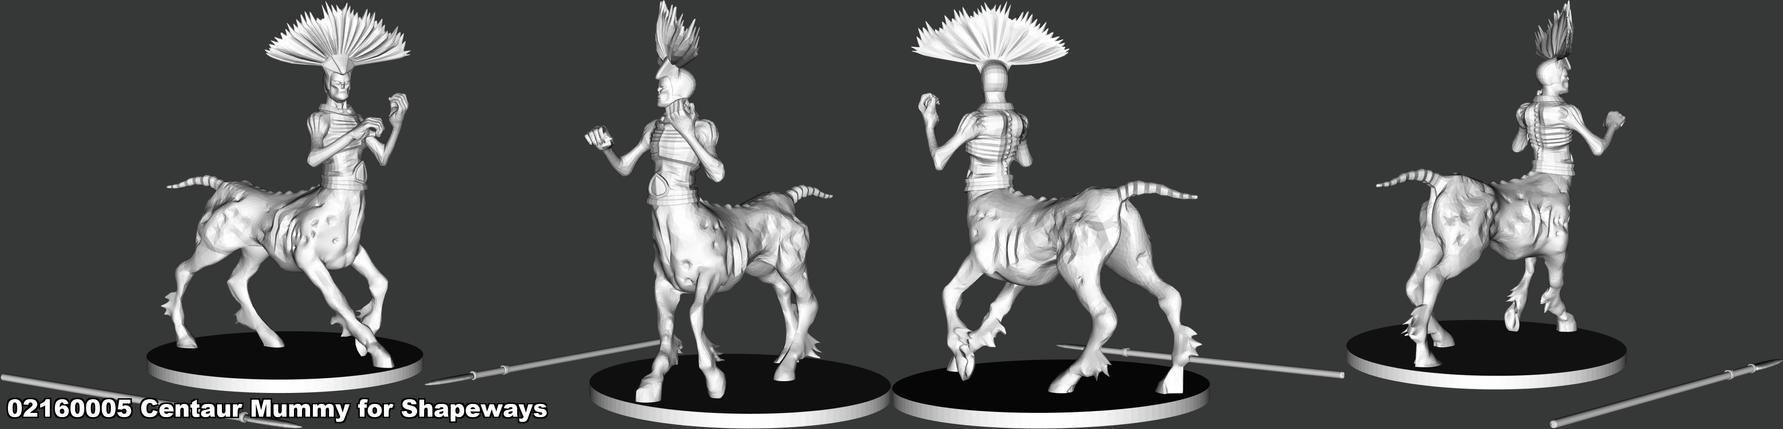 02160005 Centaur Mummy for Shapeways.png